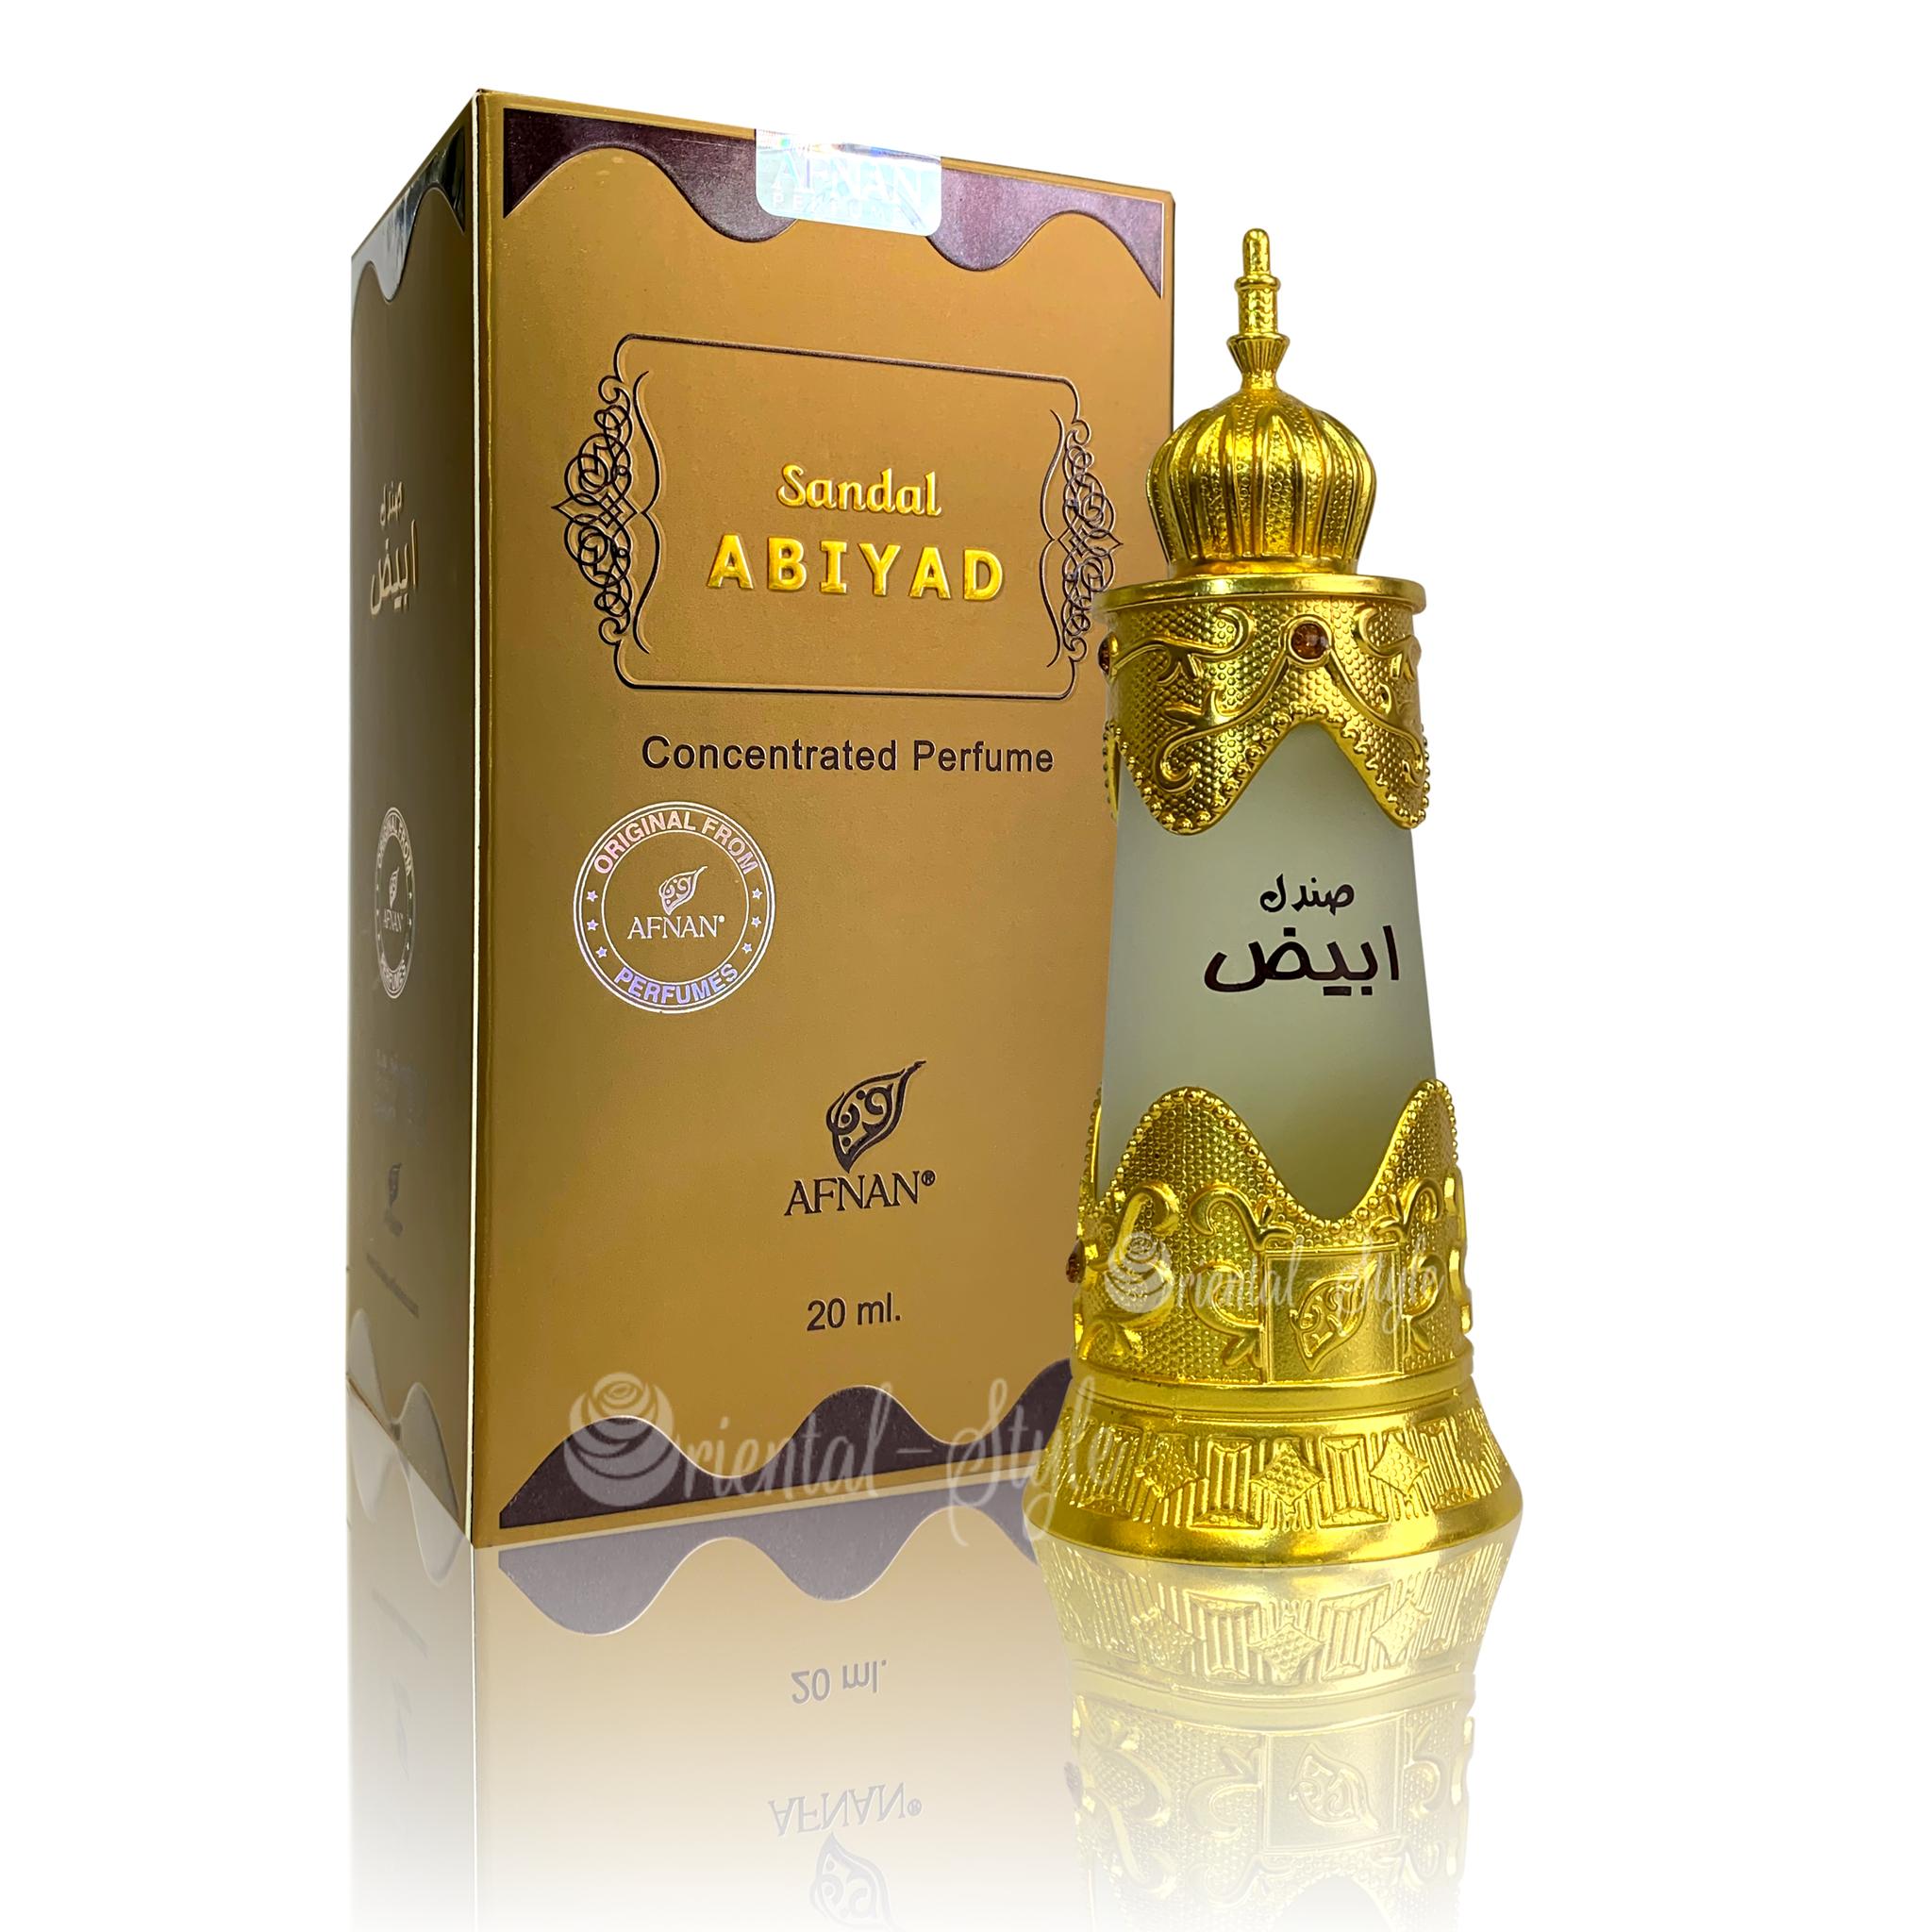 Parfümöl Sandal Abiyad von Afnan